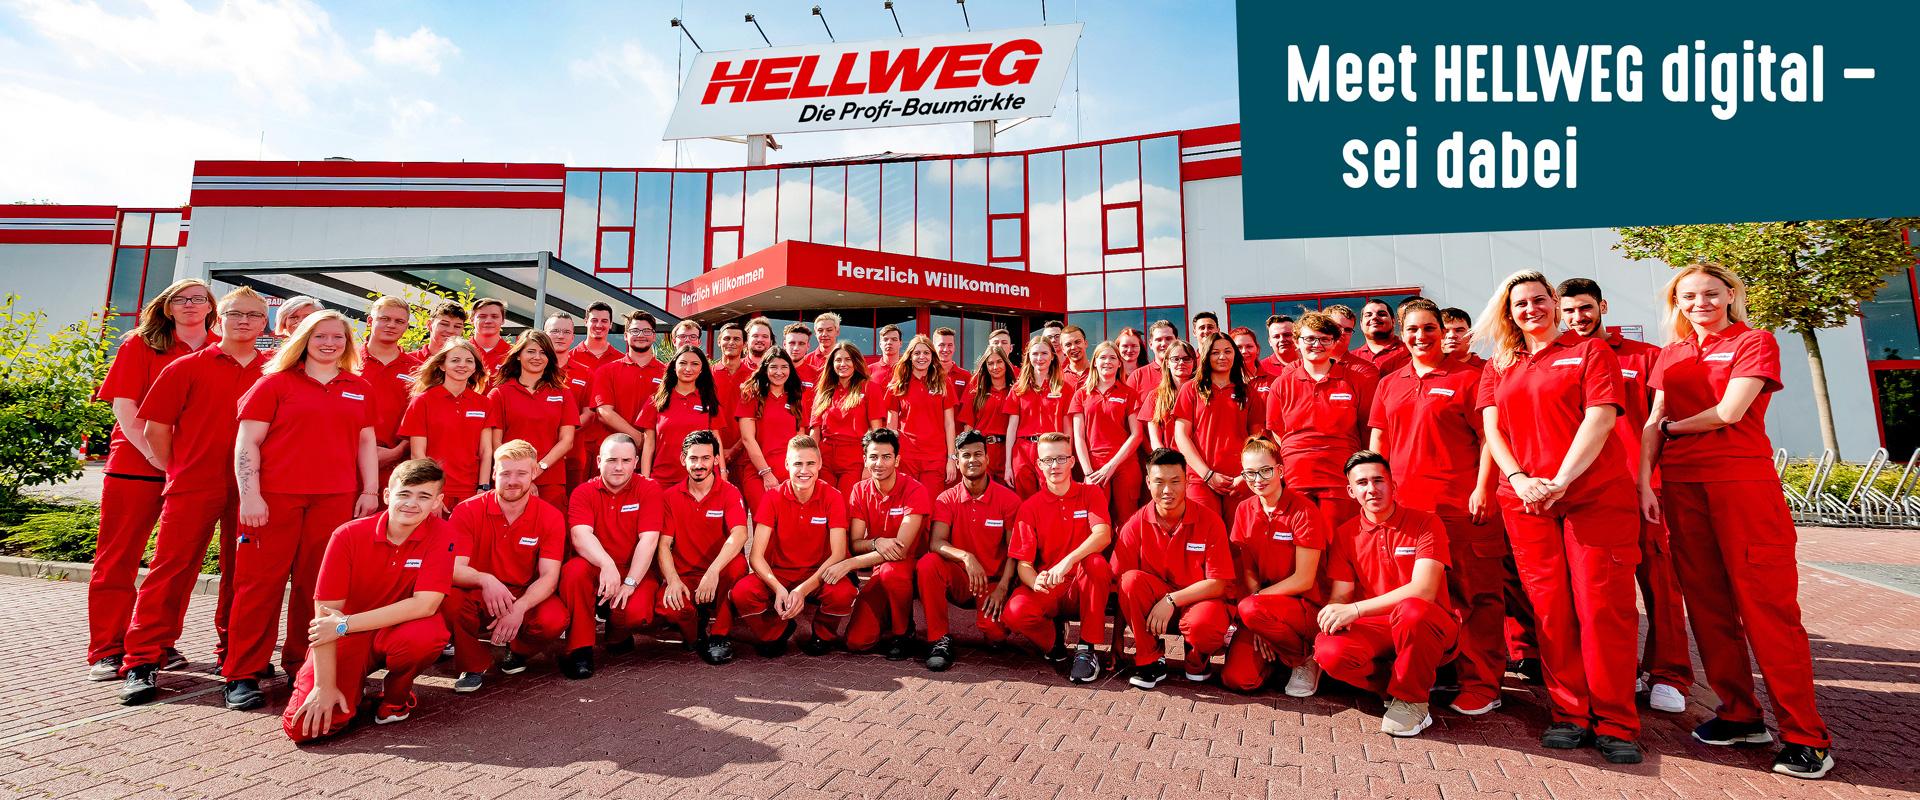 Meet HELLWEG digital